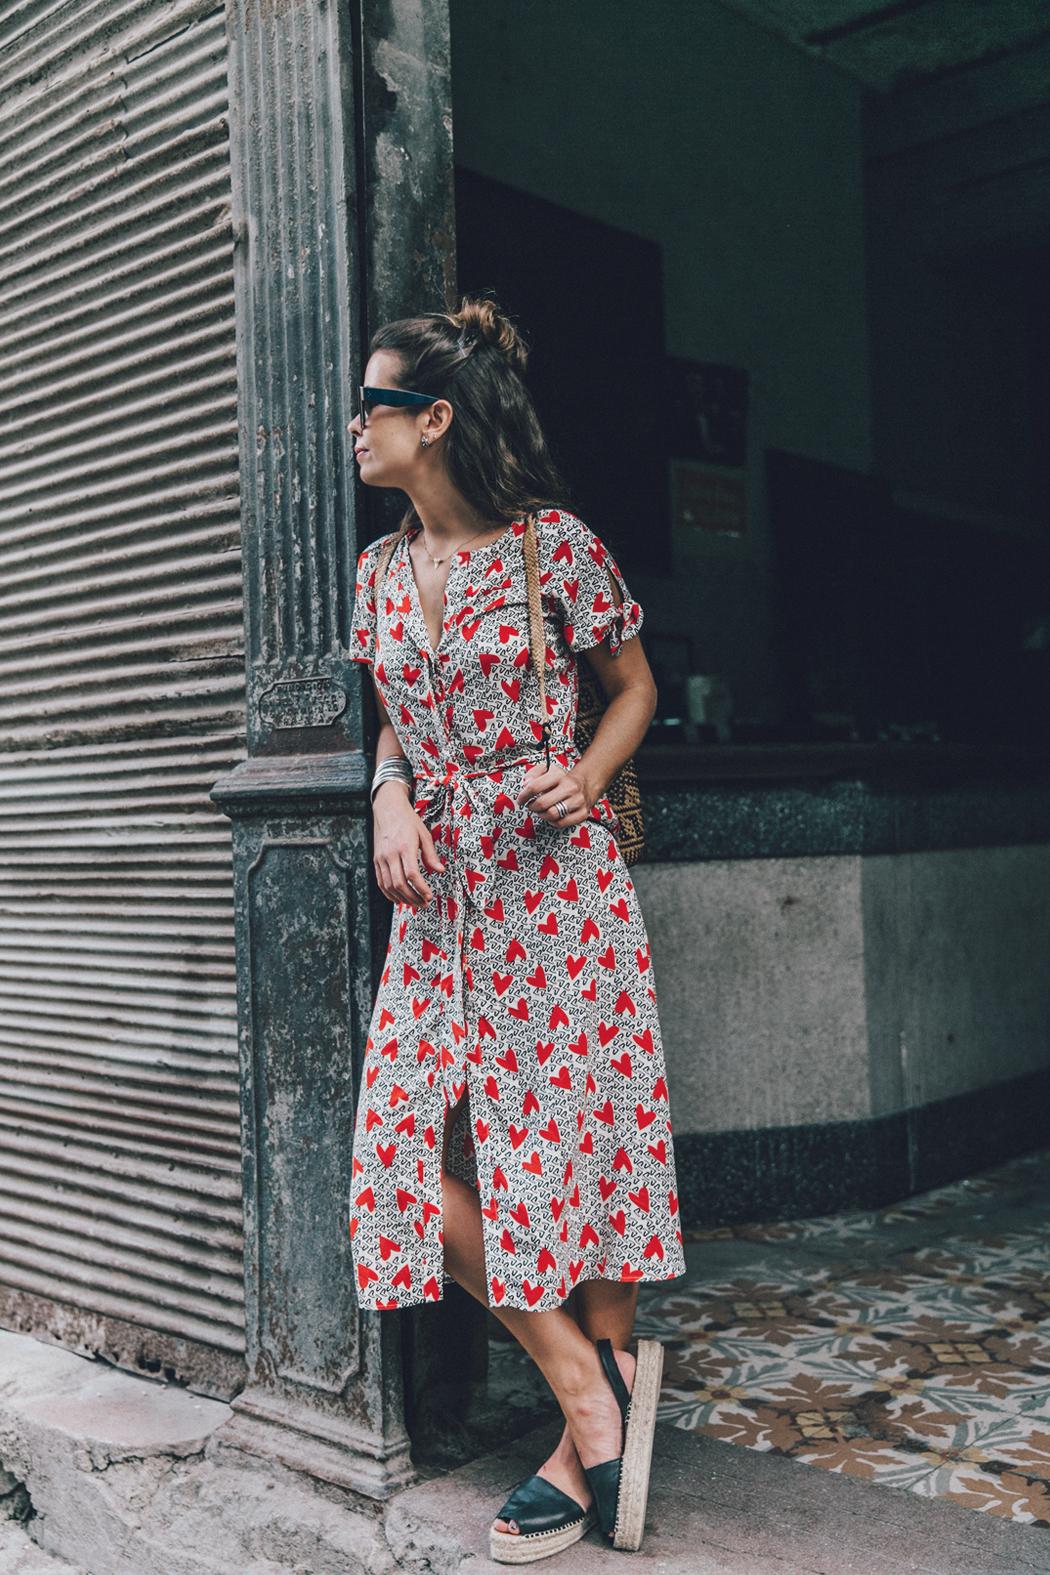 Cuba-La_Habana_Vieja-Hearts_Dress-Styled_By_Me-Aloha_Espadrilles-Outfit-Street_Style-Dress-Backpack-64